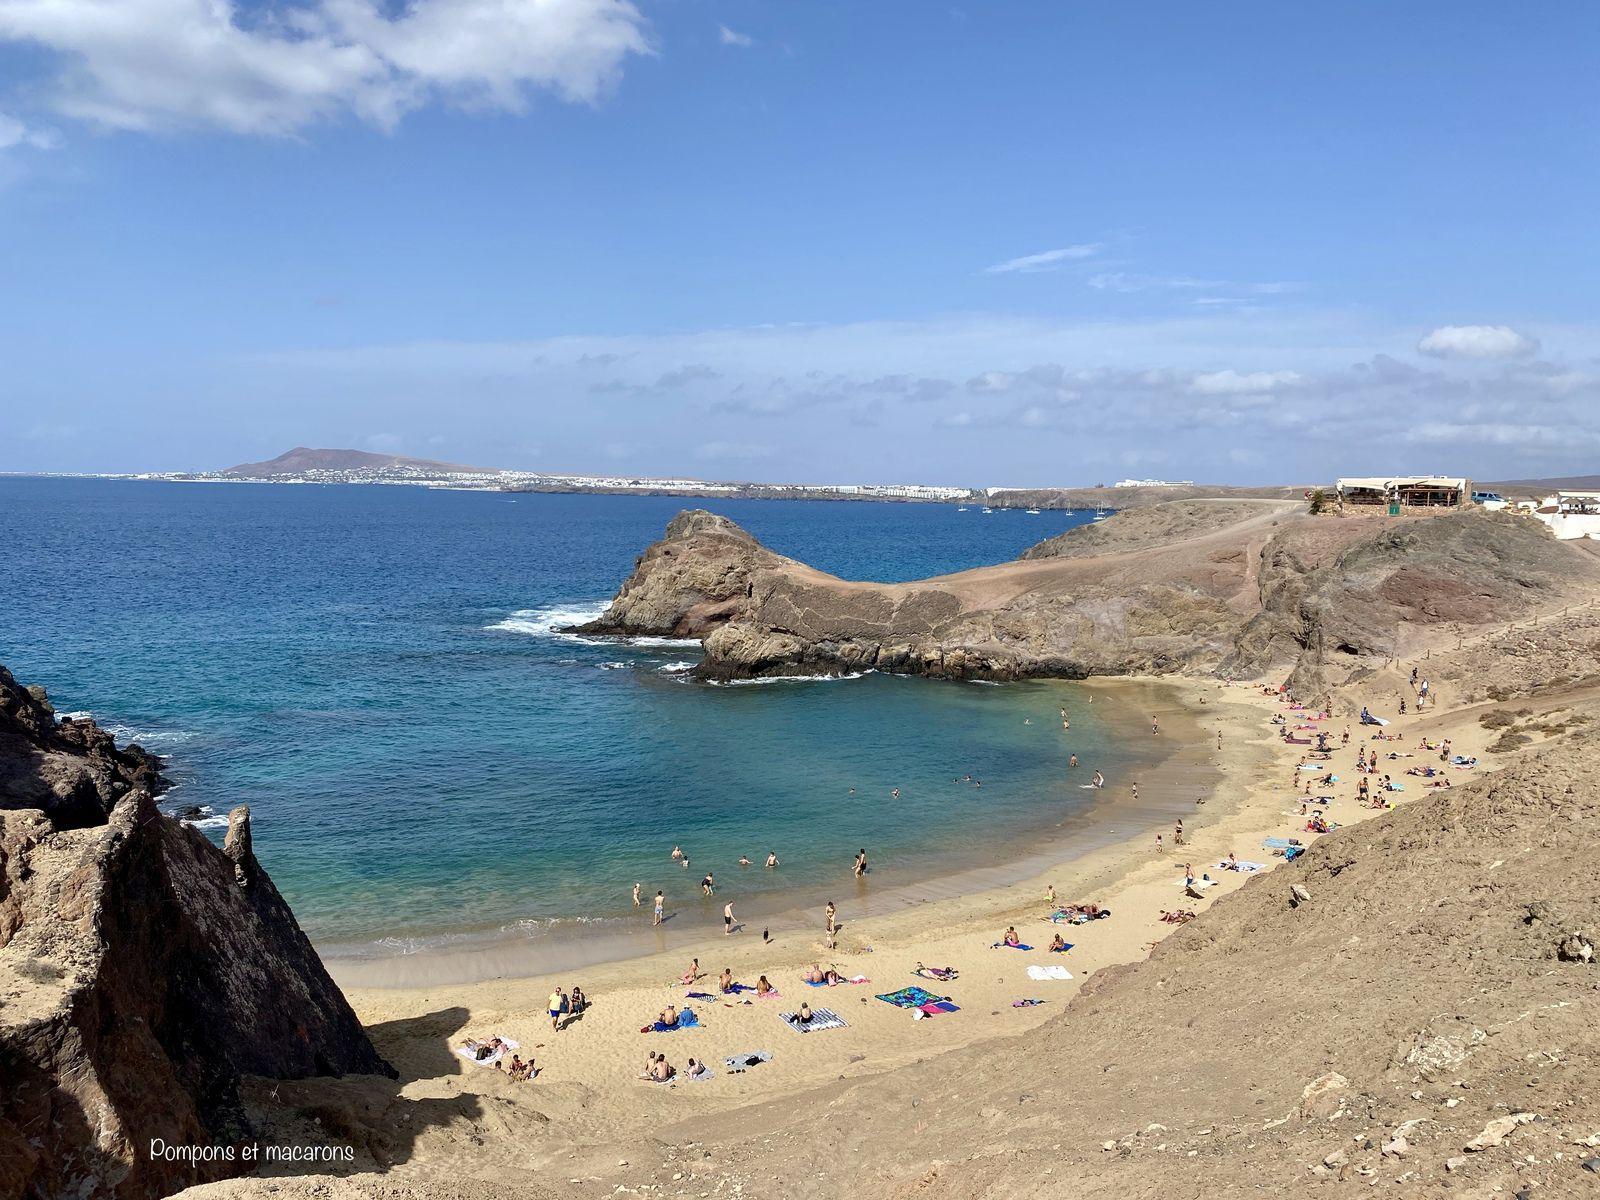 Notre découverte de l'île de Lanzarote: itinéraire de notre road trip de 6 jours avec les enfants (8 ans et demi et 6 ans et demi)!